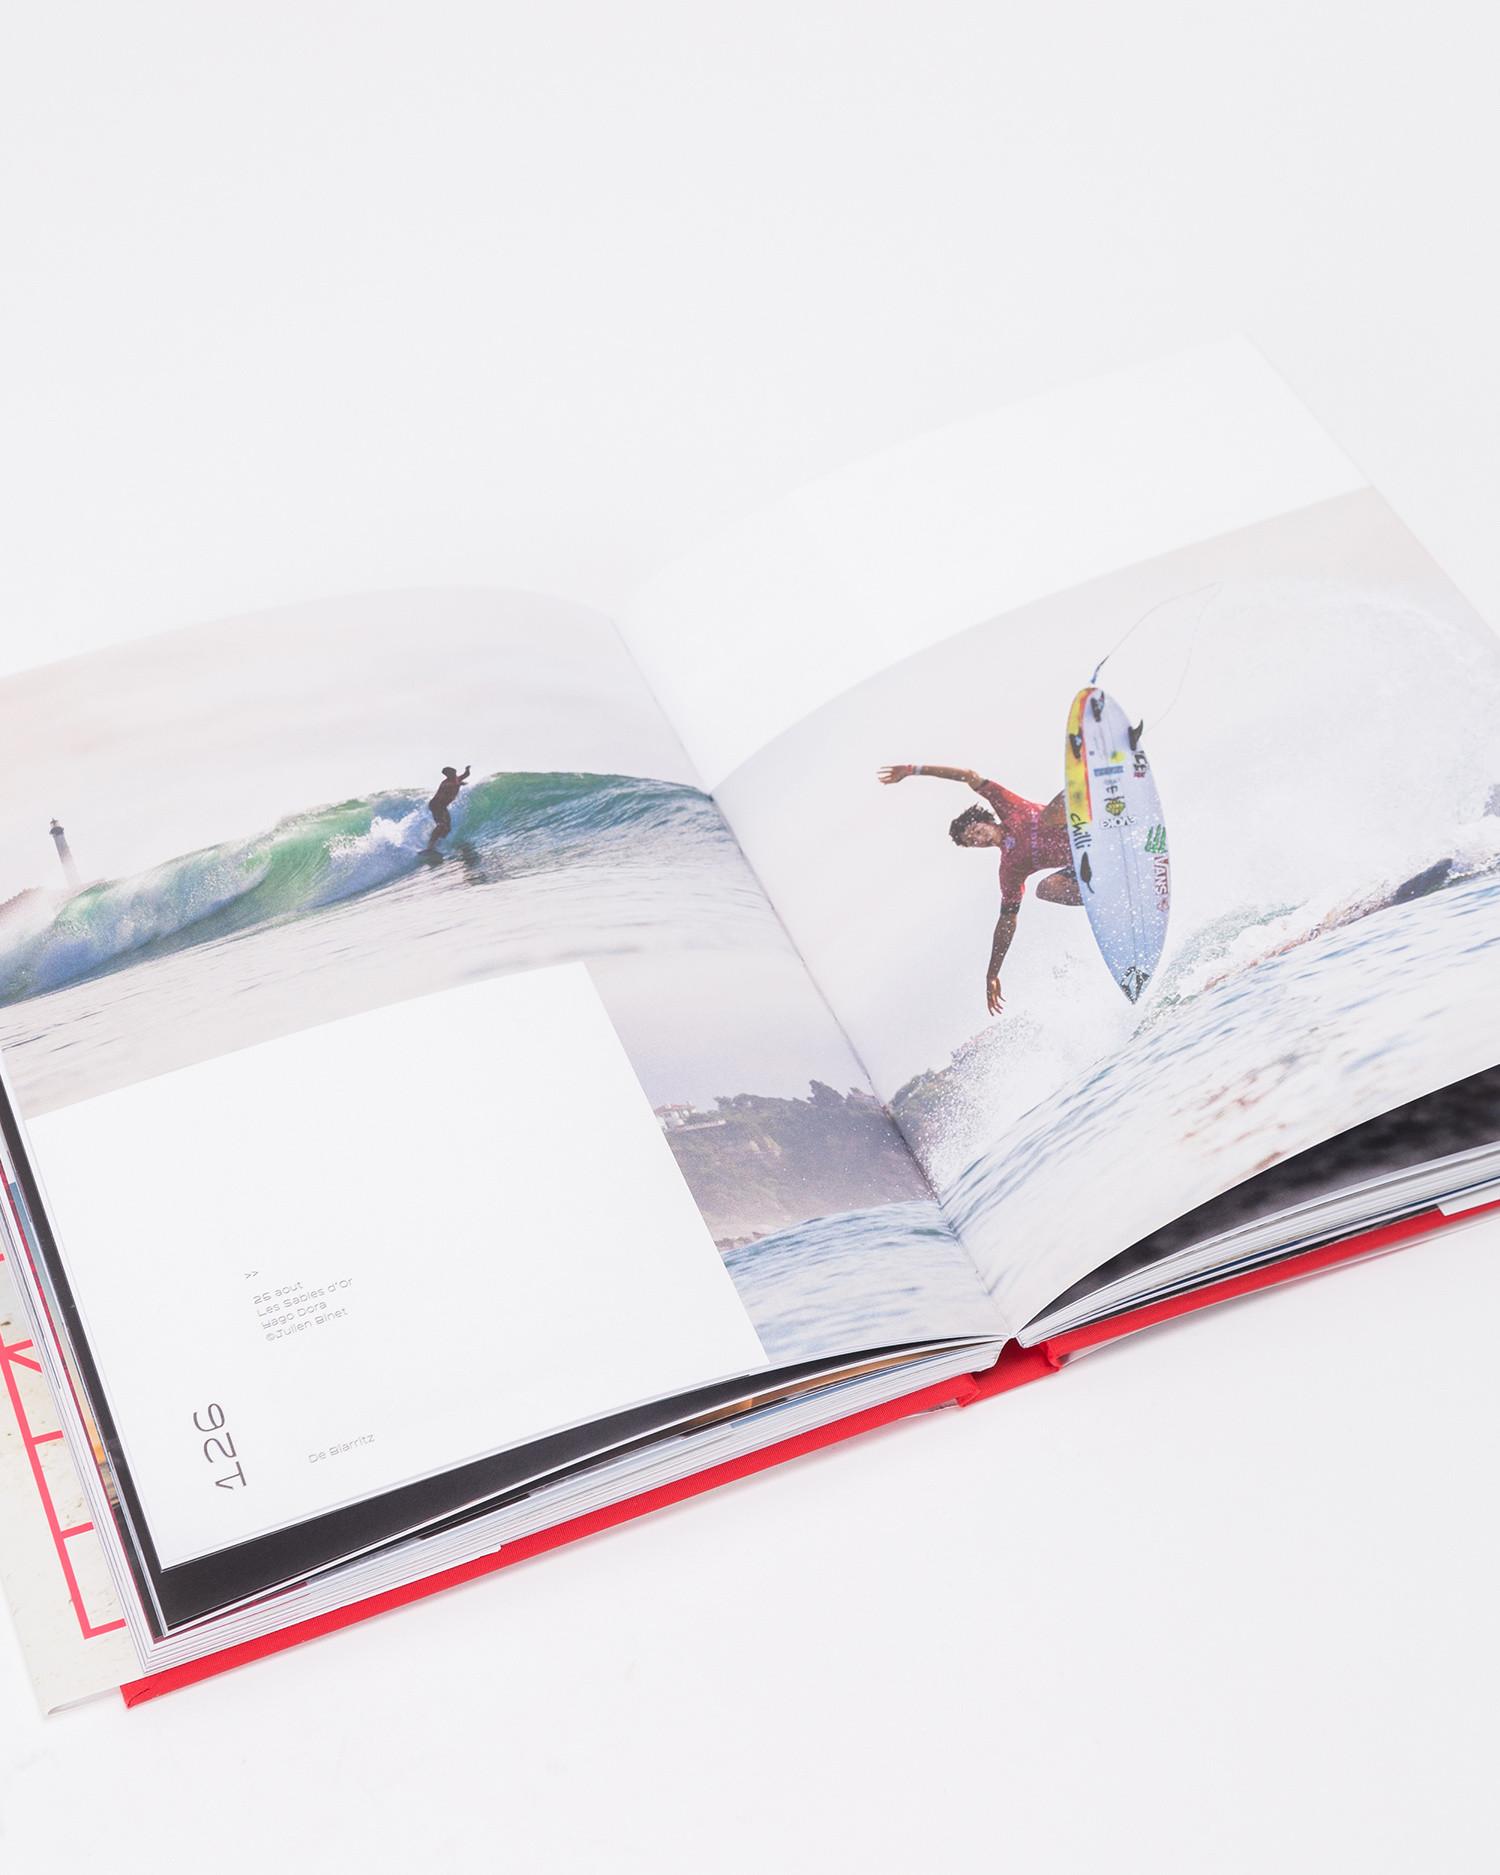 De Biarritz Yearbook MMXVI 2016